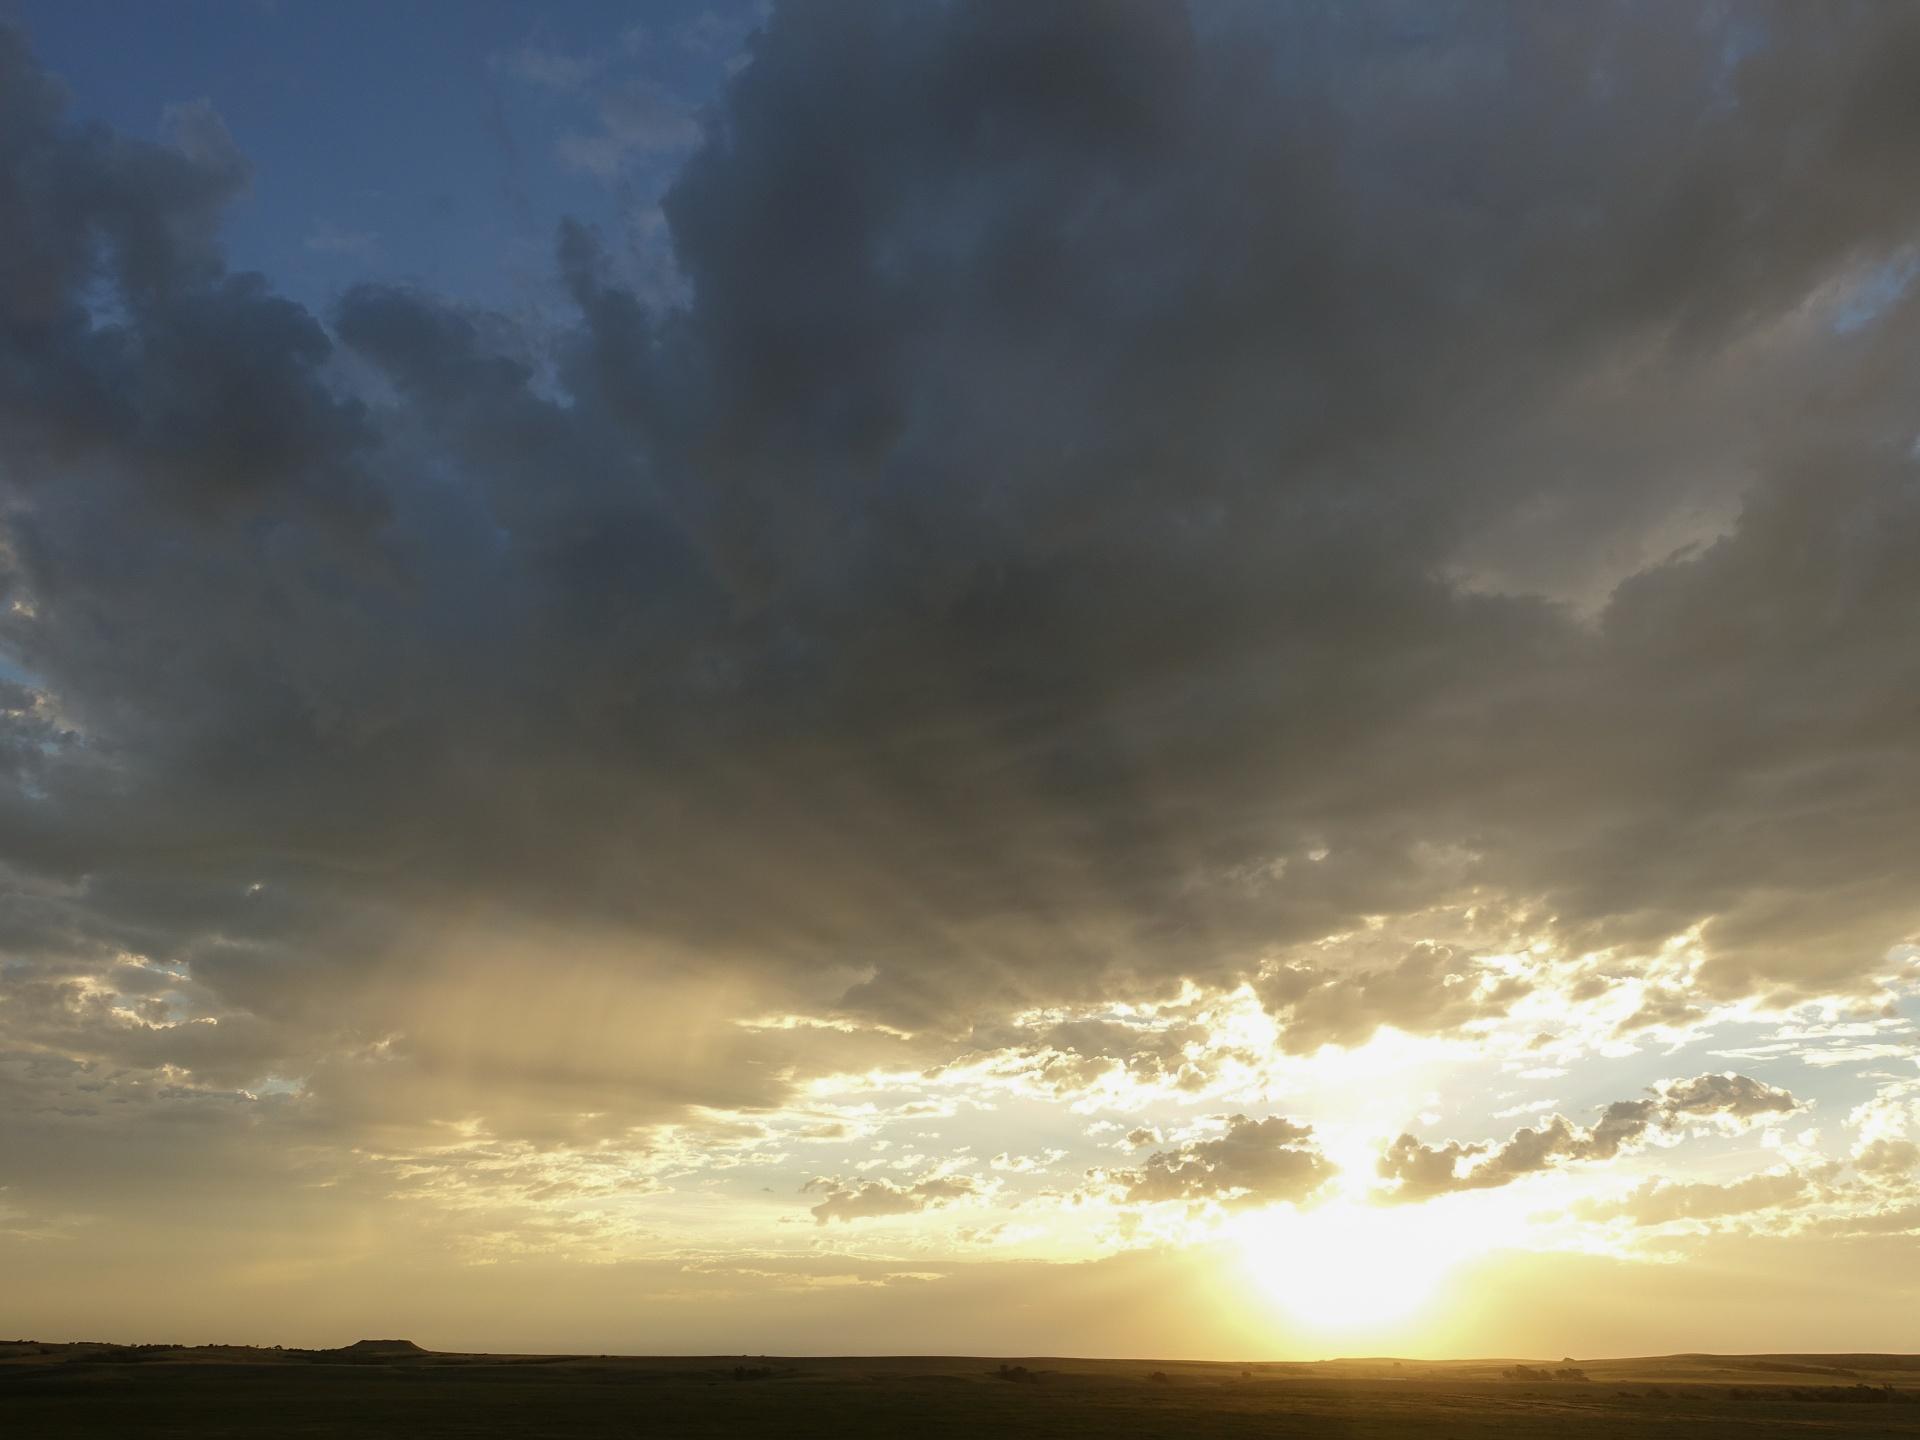 Todd Conty Prärie im Morgenlicht - Süddakota